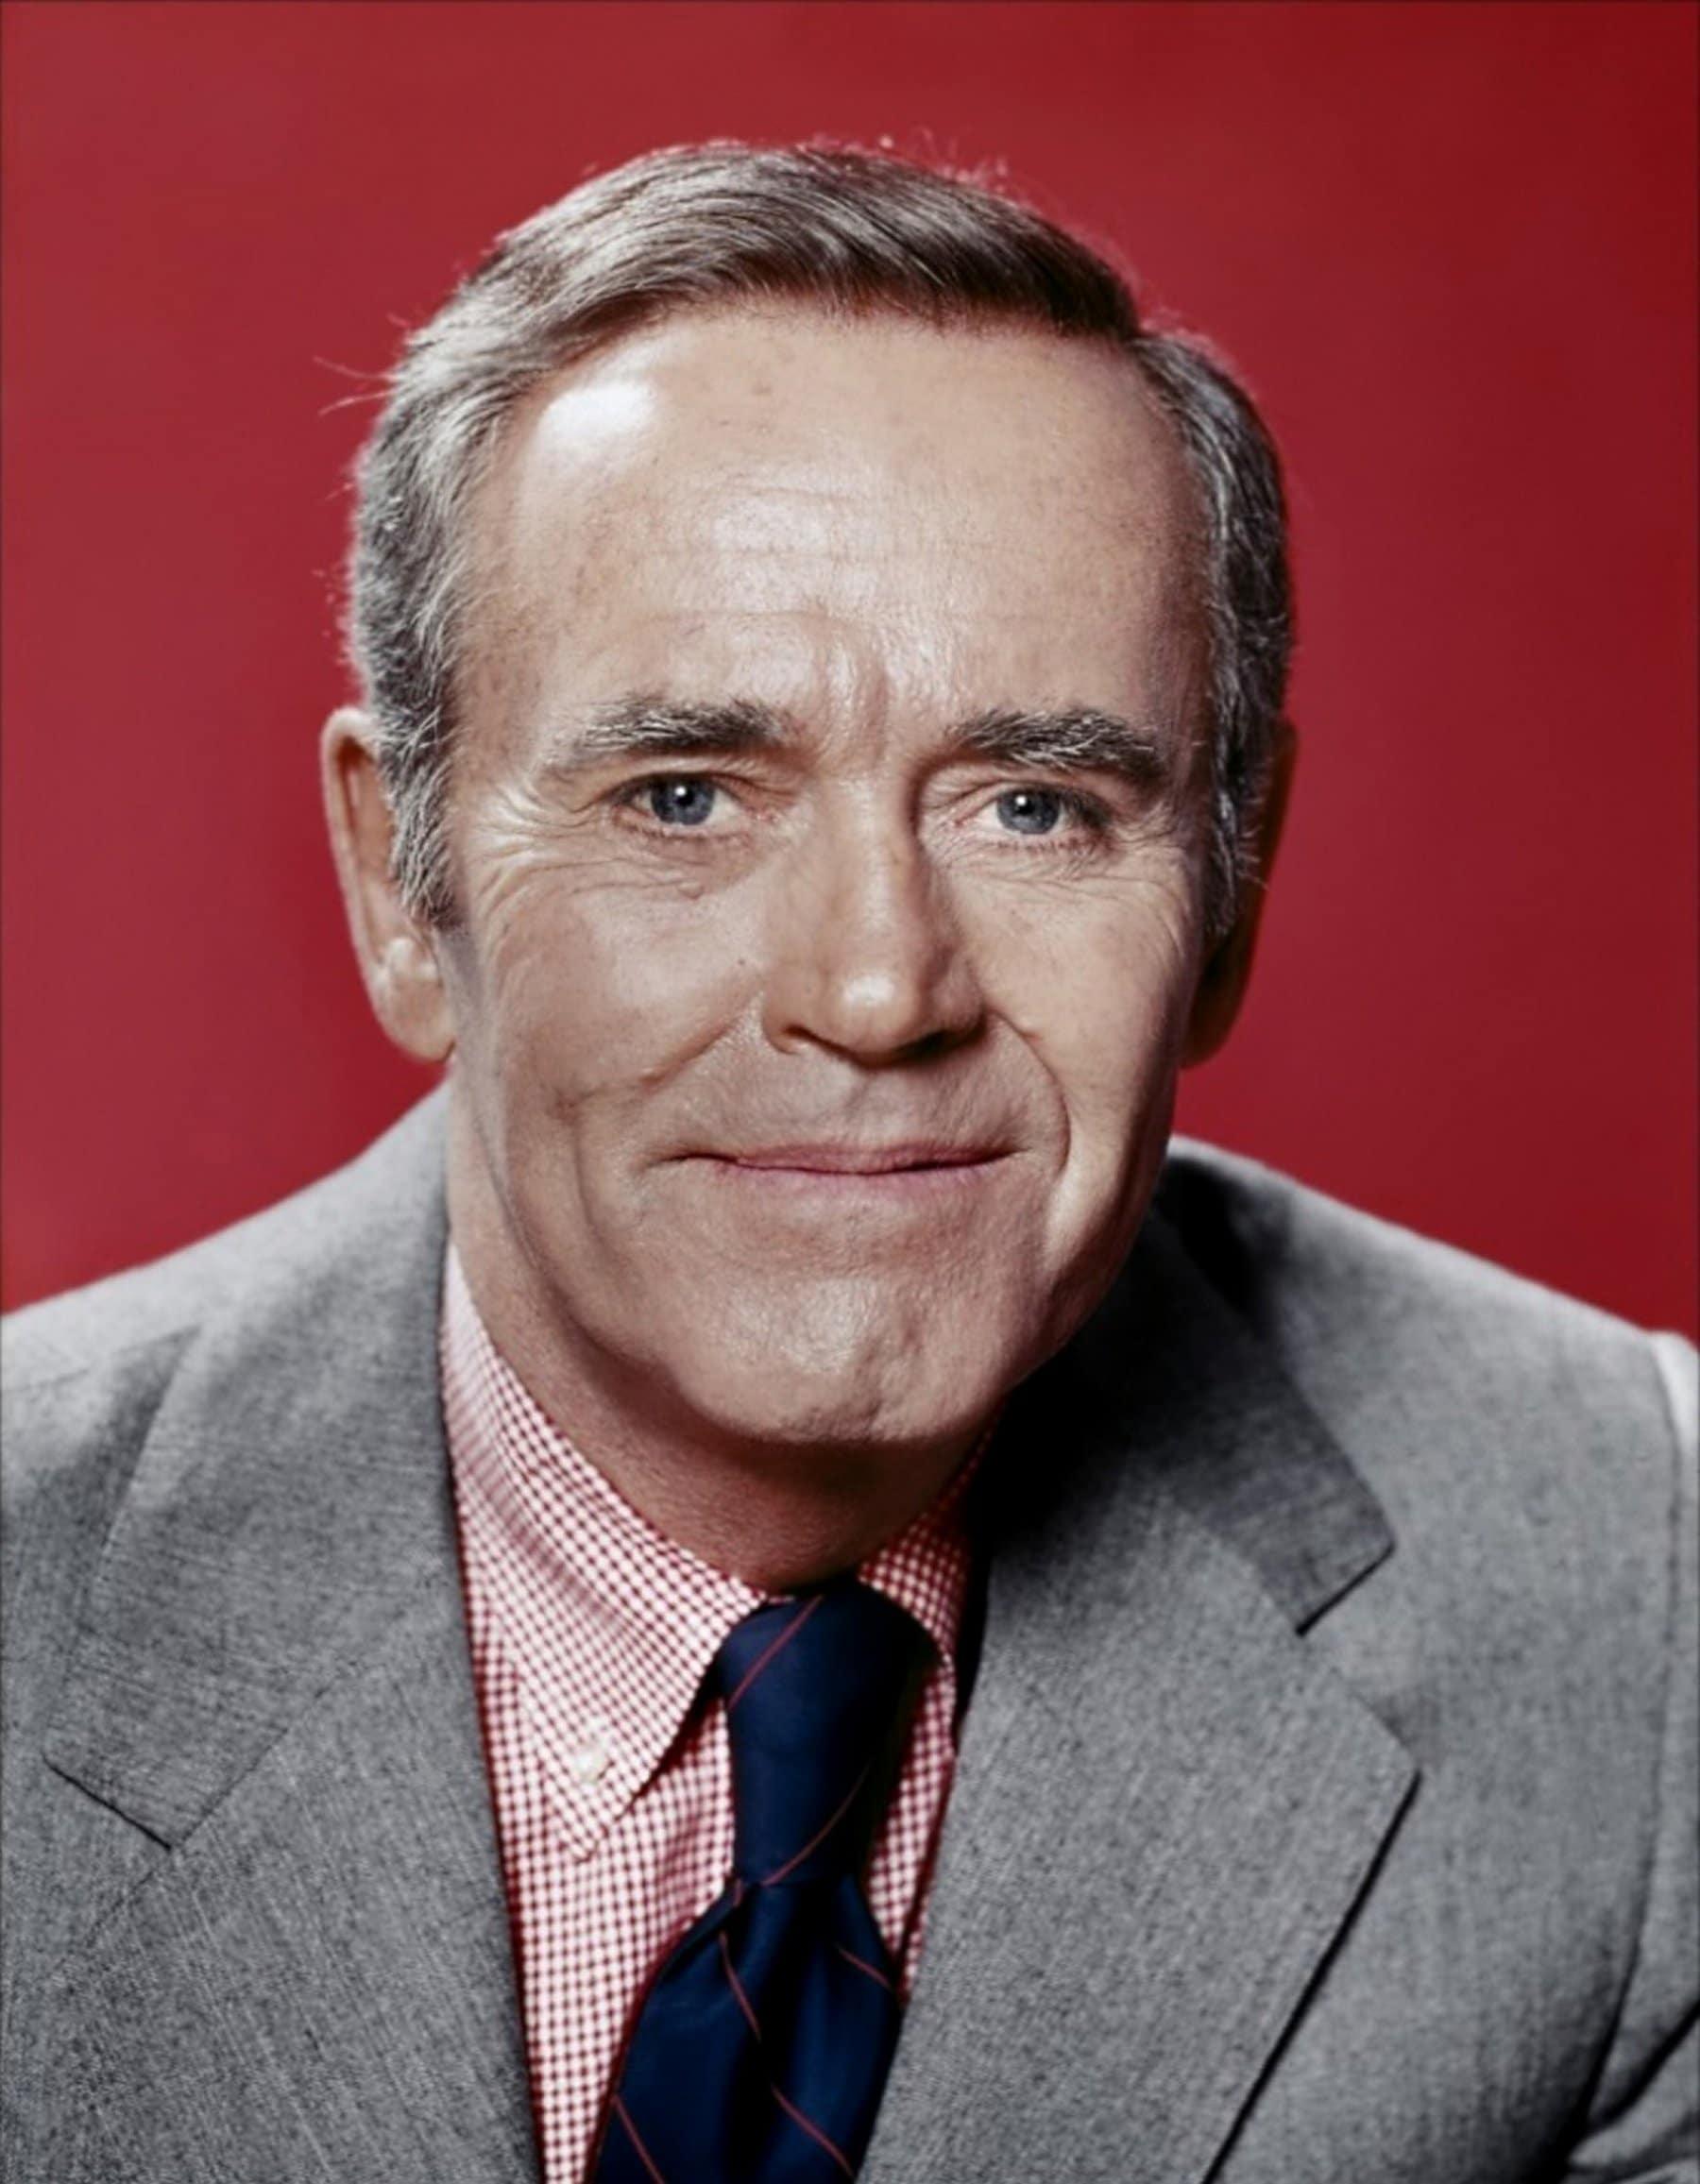 THE SMITH FAMILY, Henry Fonda